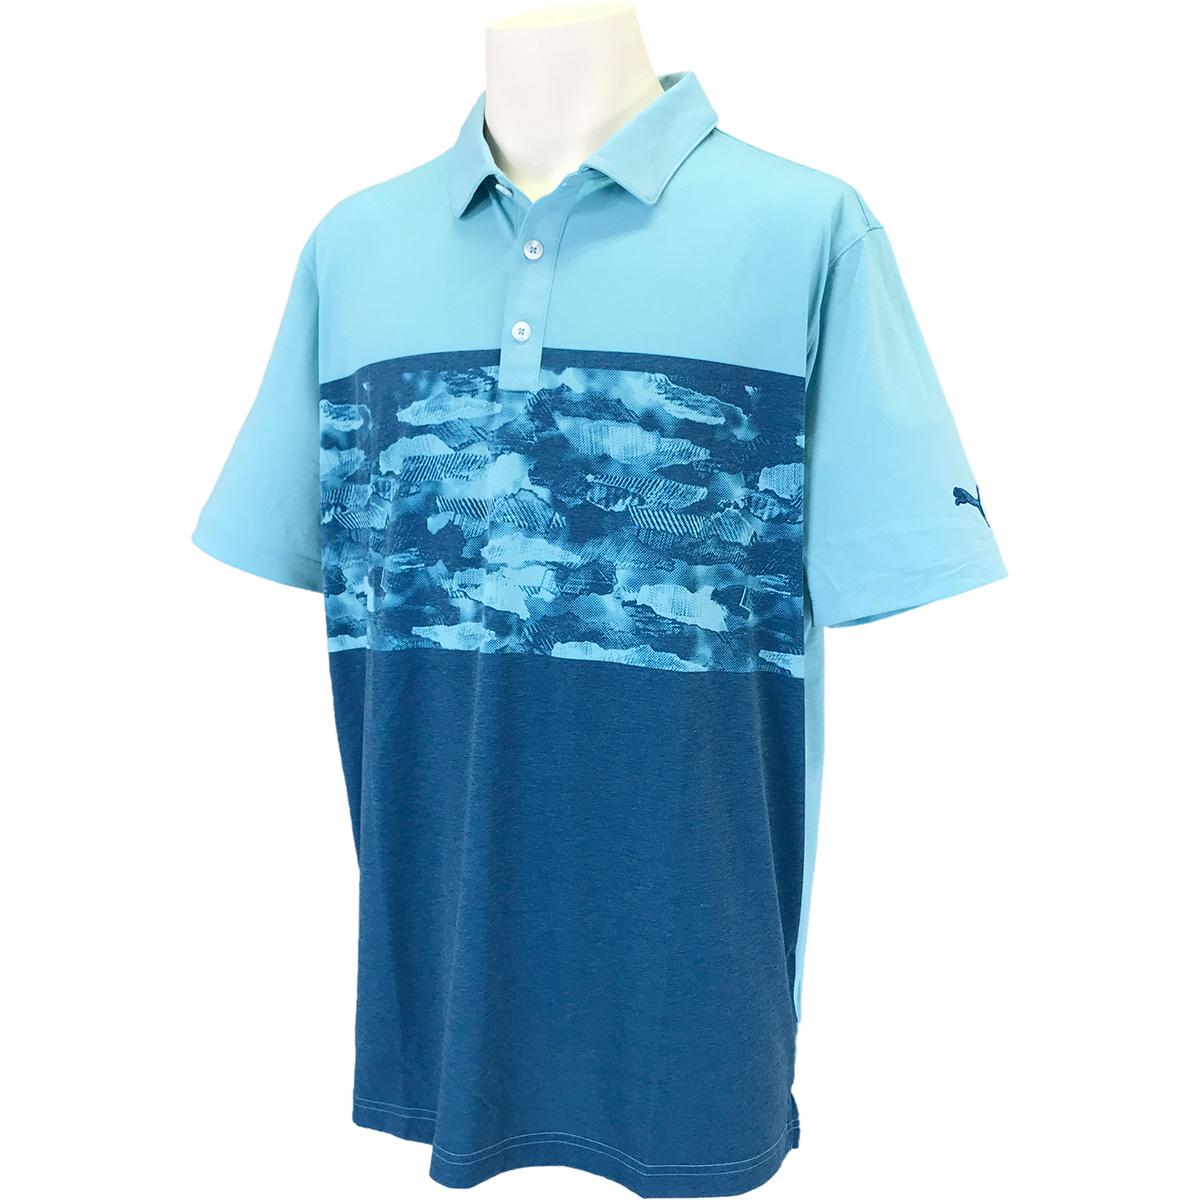 カモブロック 半袖ポロシャツ